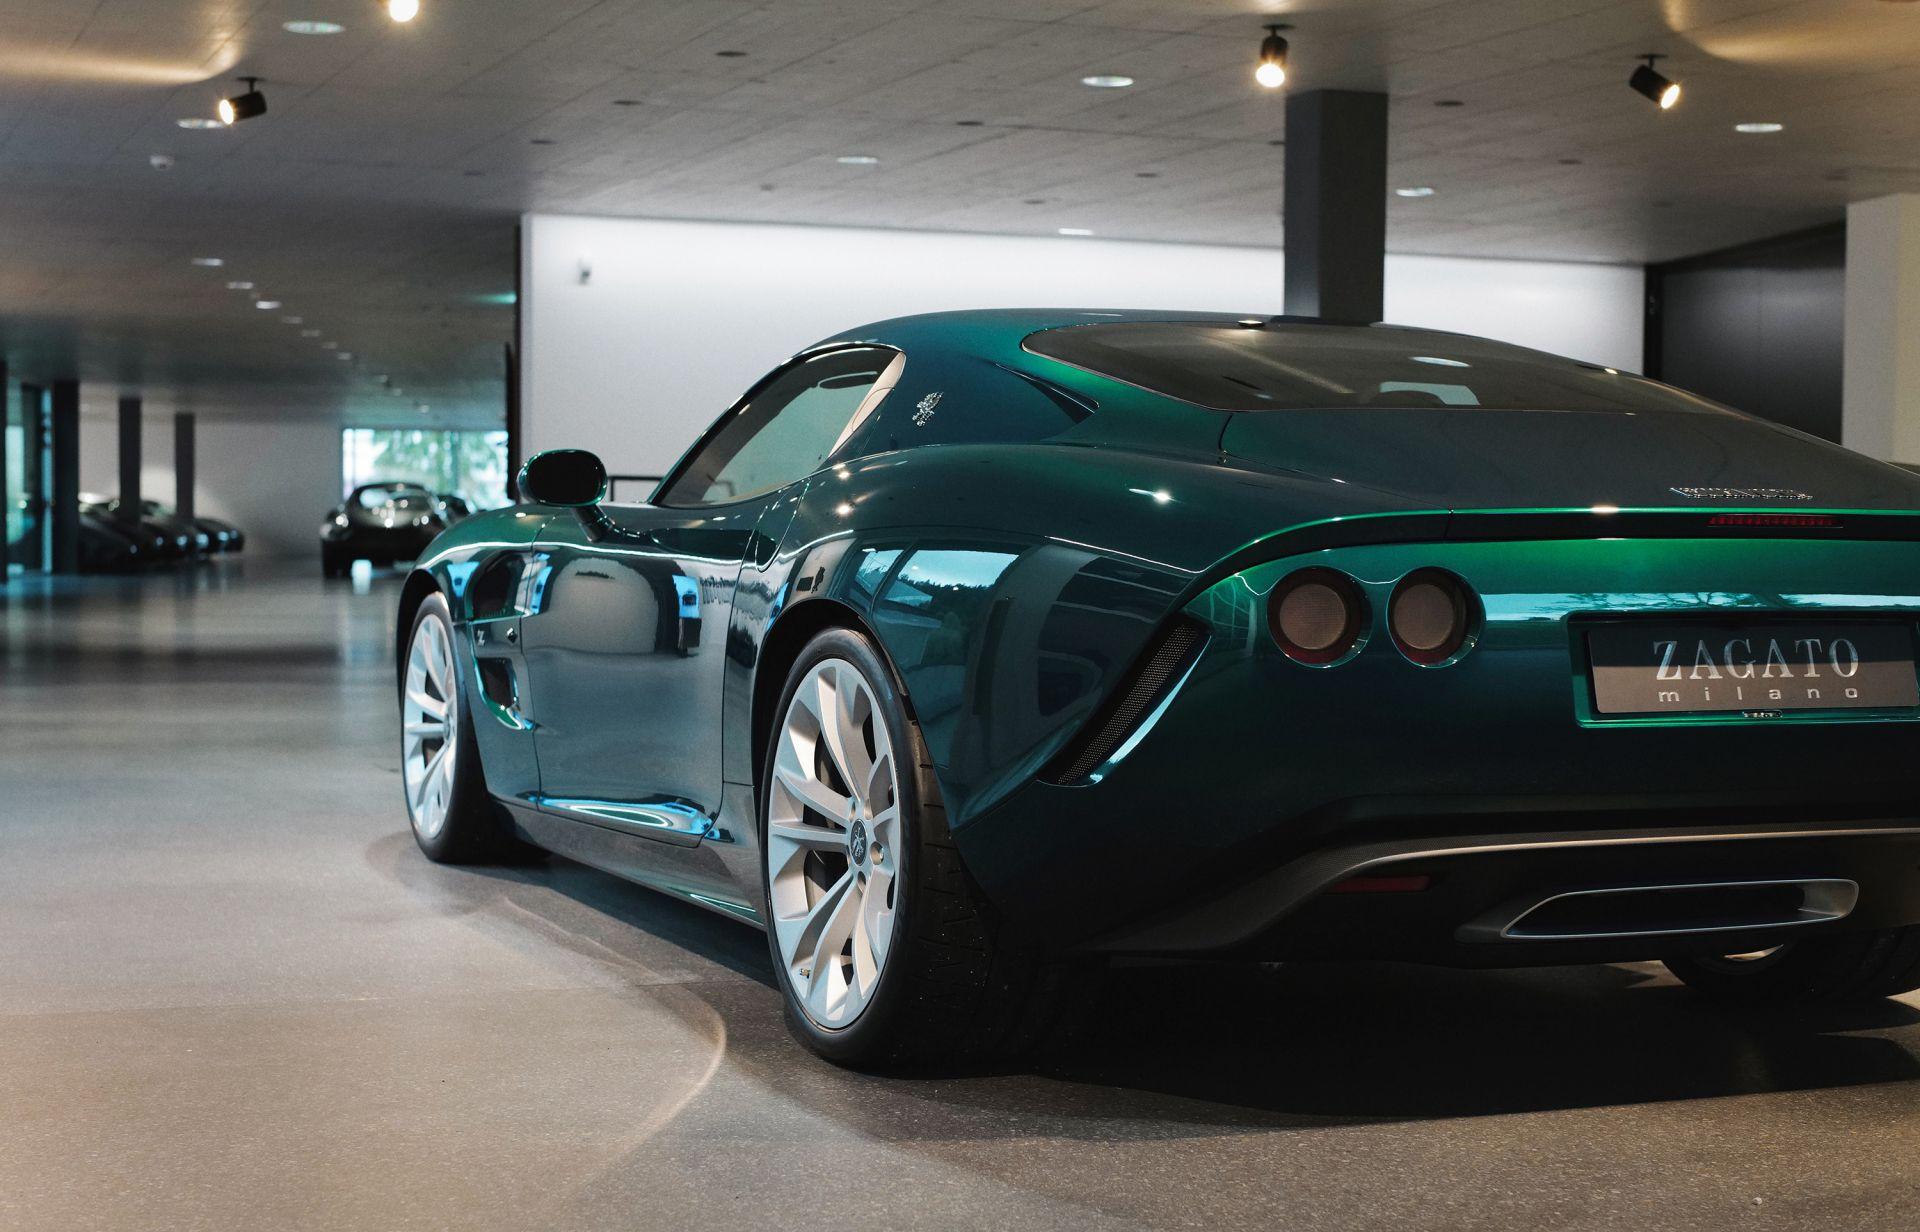 Zagato-IsoRivolta-GTZ-5